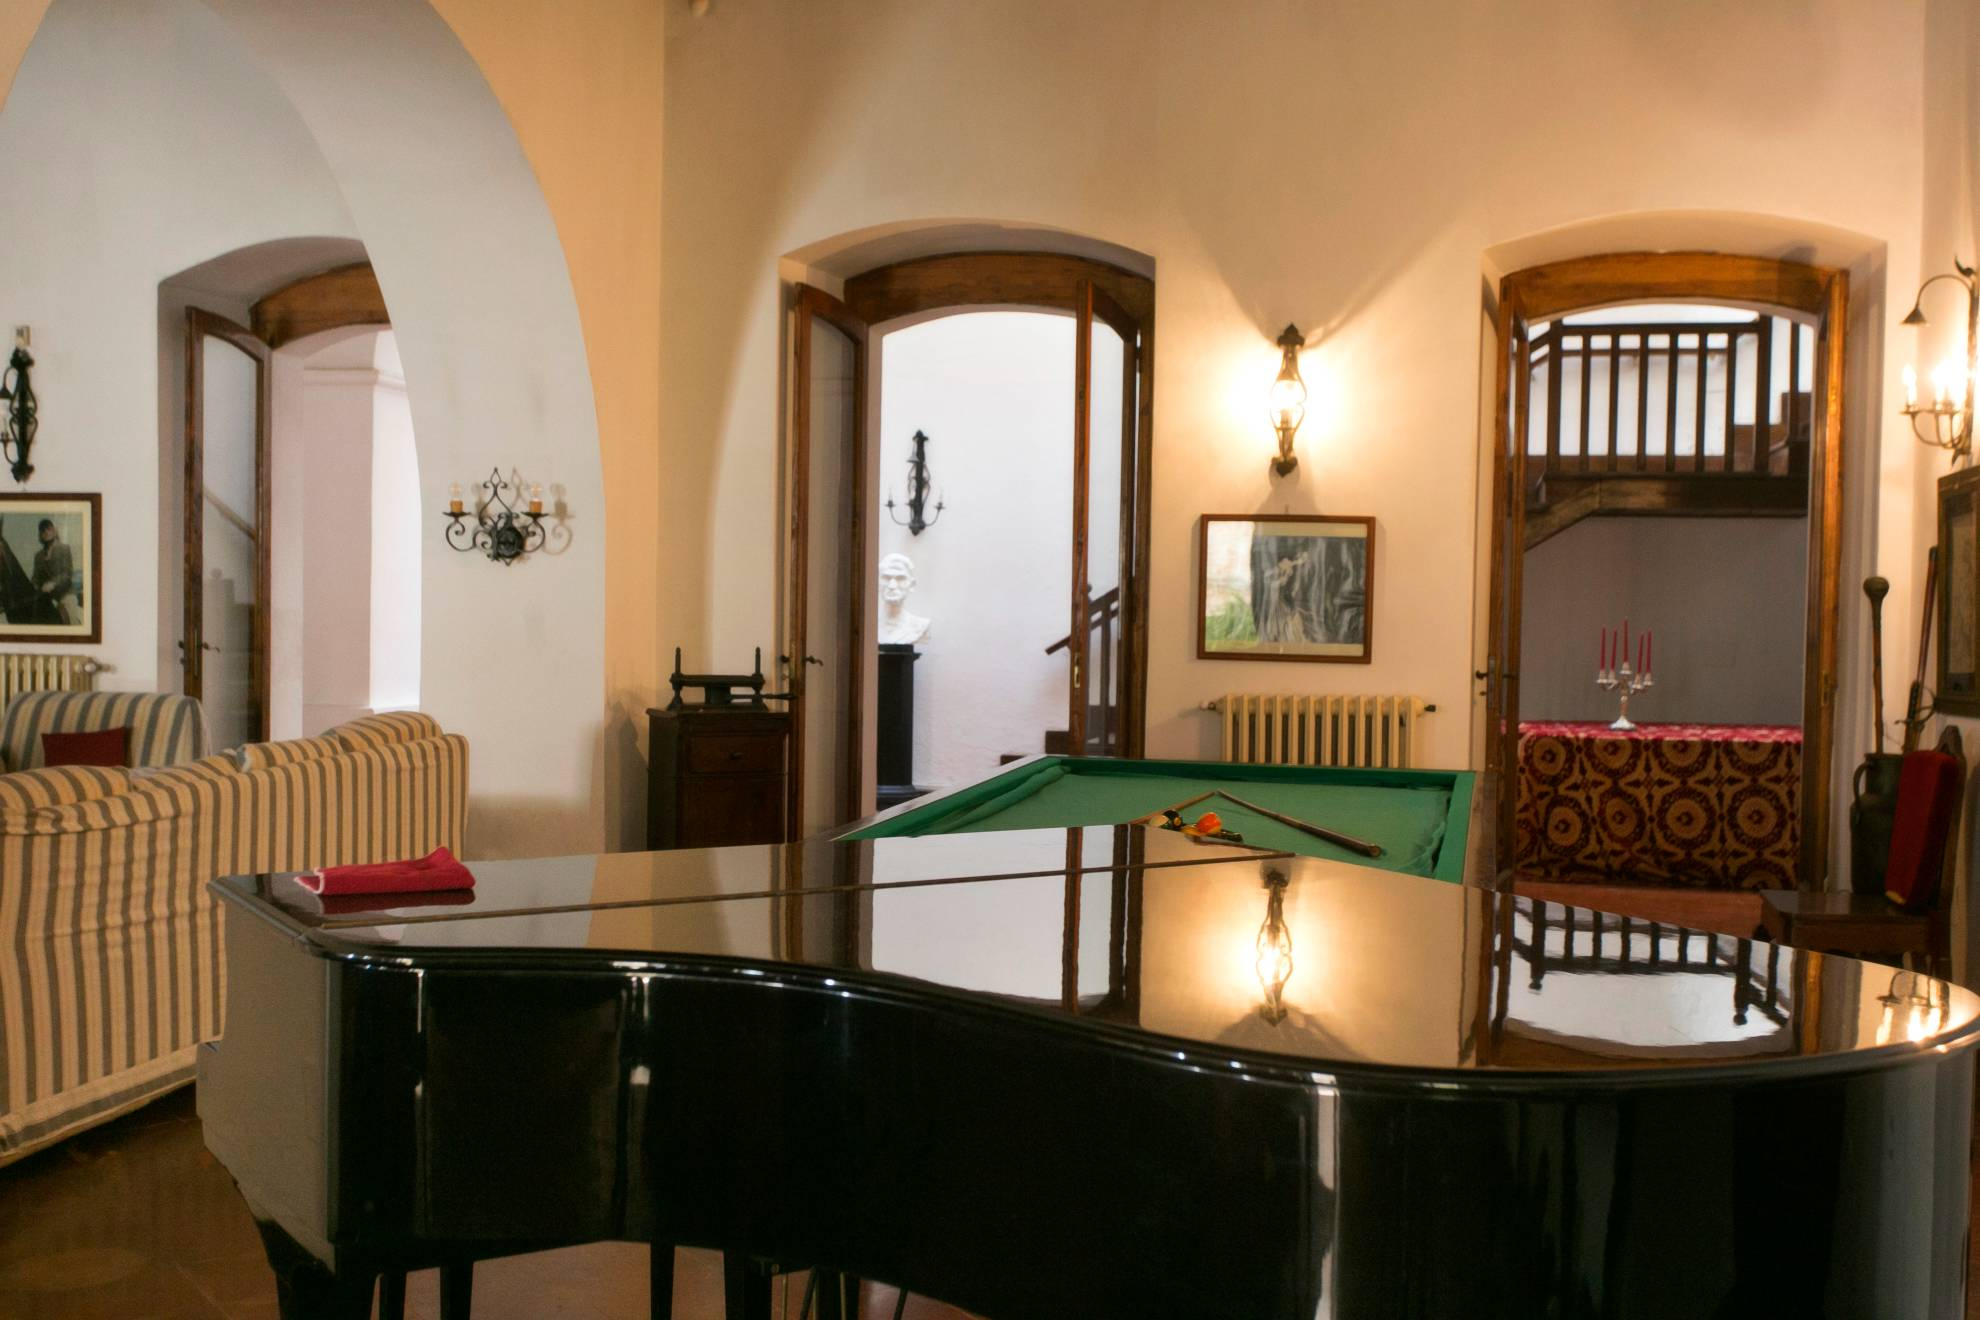 dimore quartetto Palazzo Murmura (1)